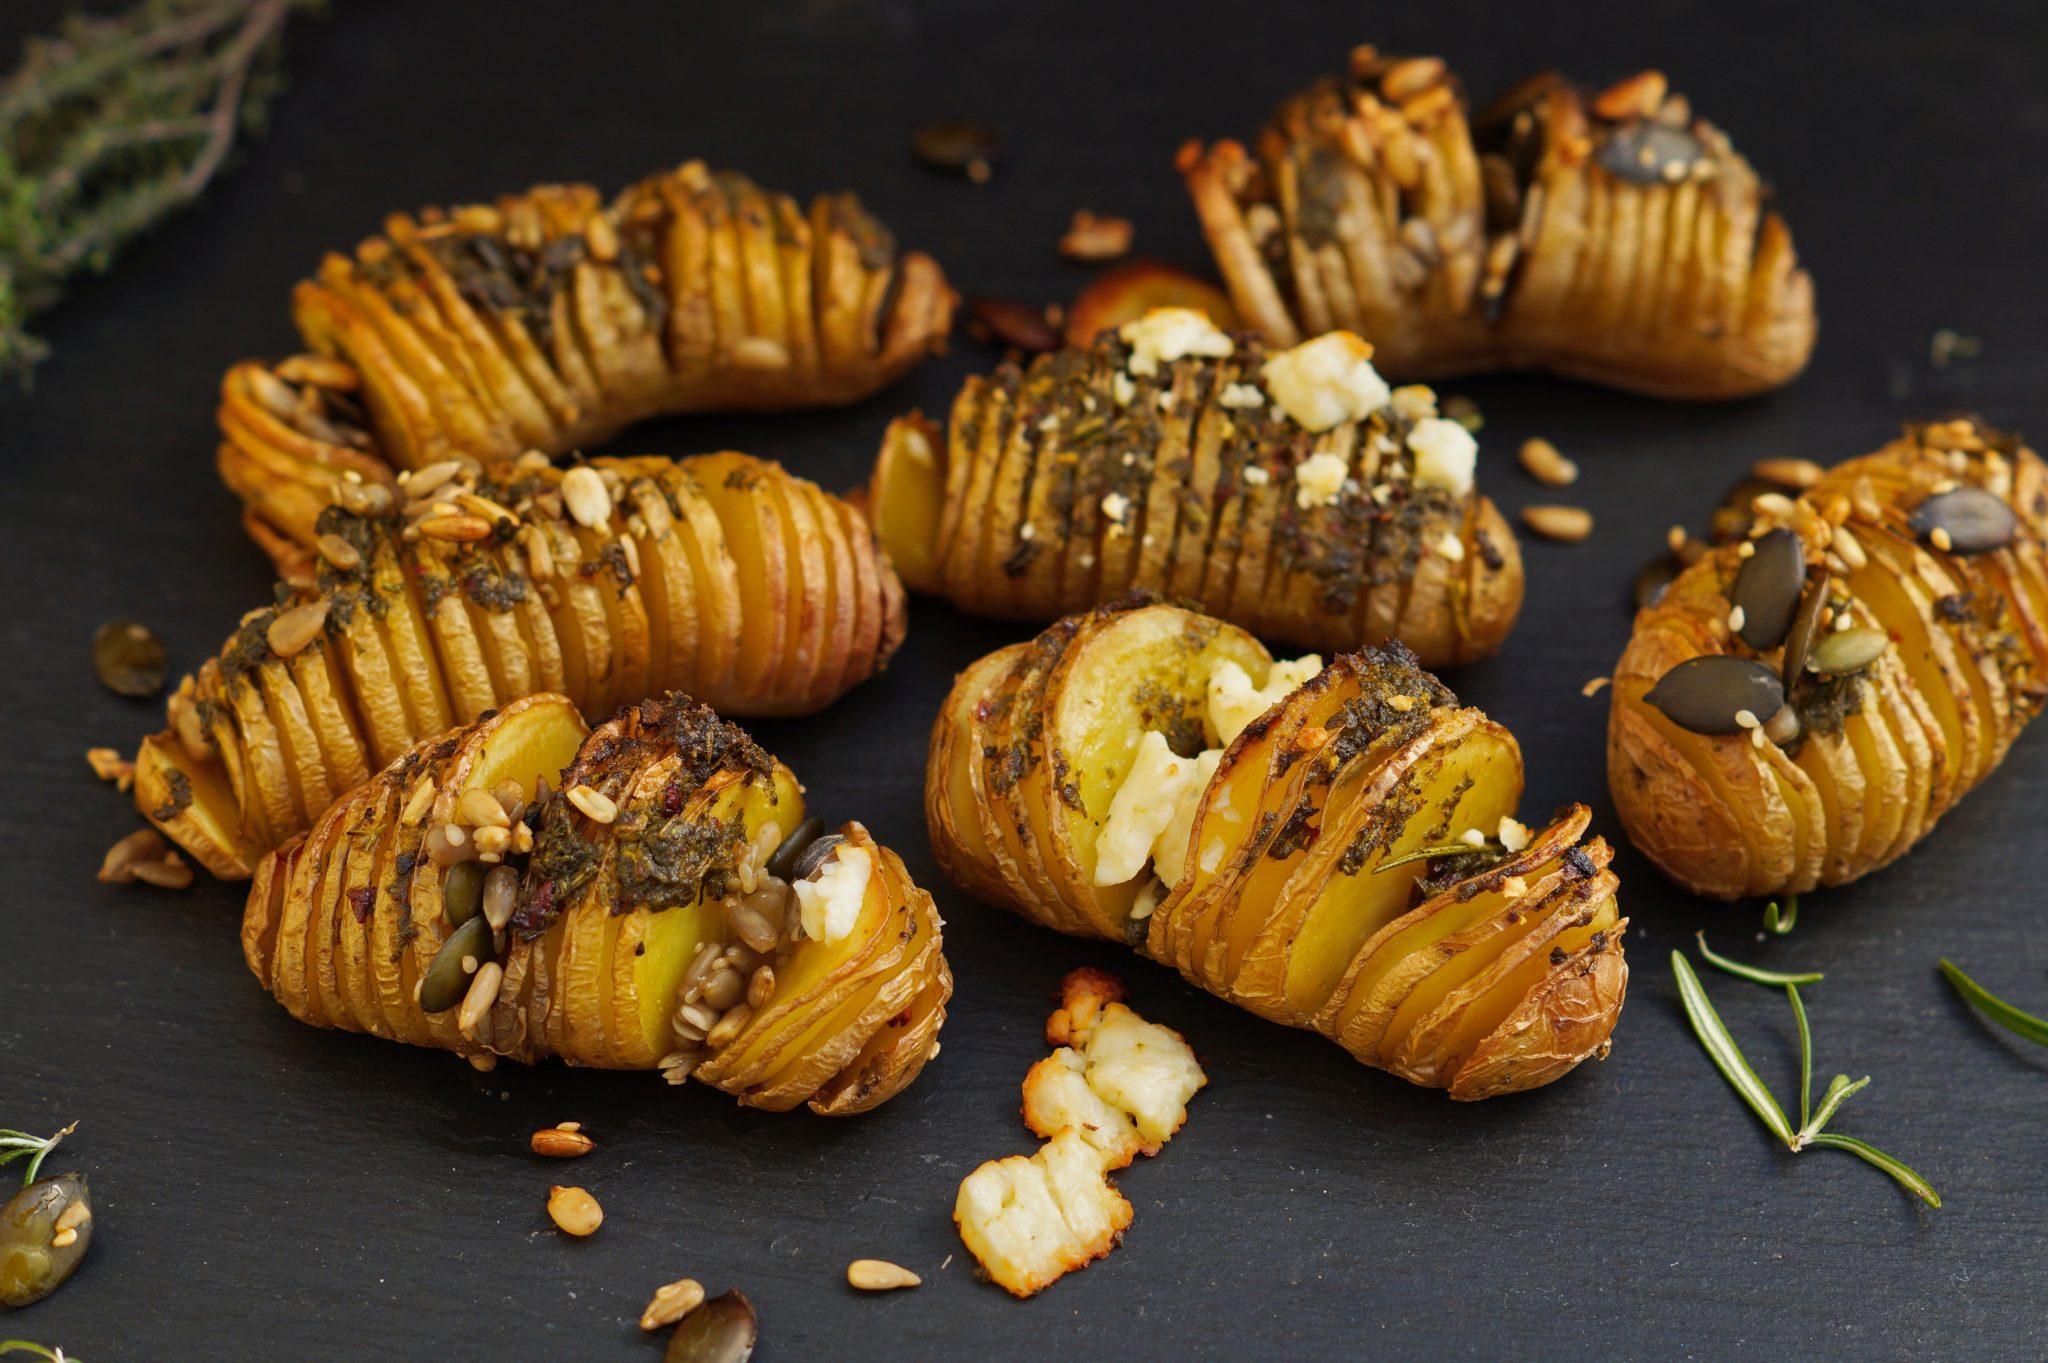 knusprige Fächerkartoffeln mit Kräuter aus dem Ofen